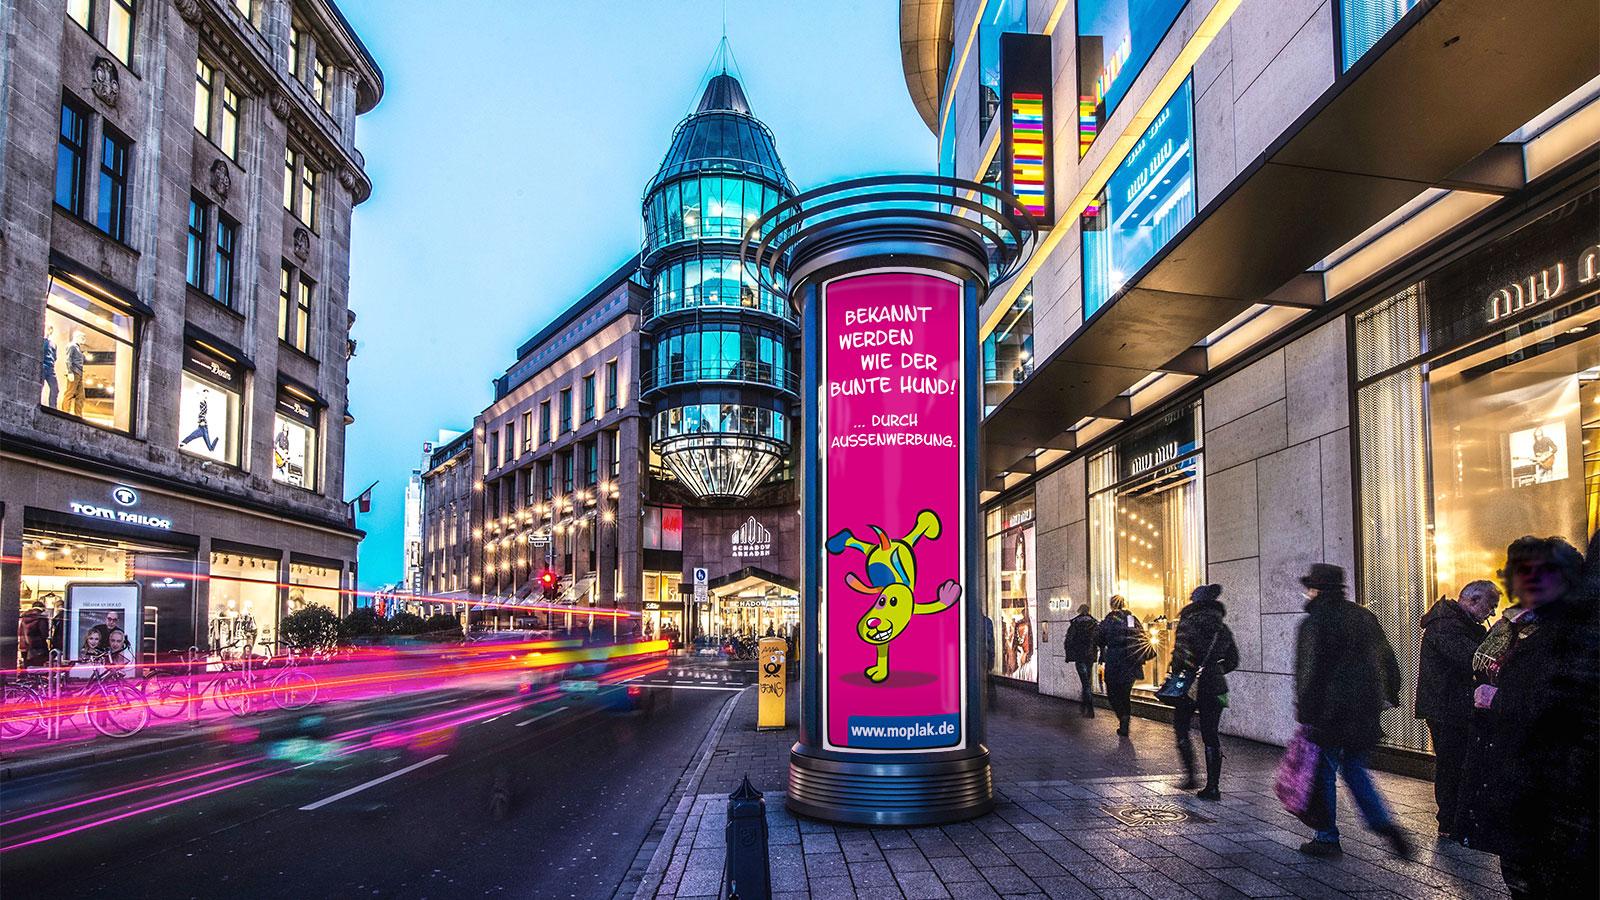 Dortmund-Aussenwerbung-Litfasssaeule-Werbung